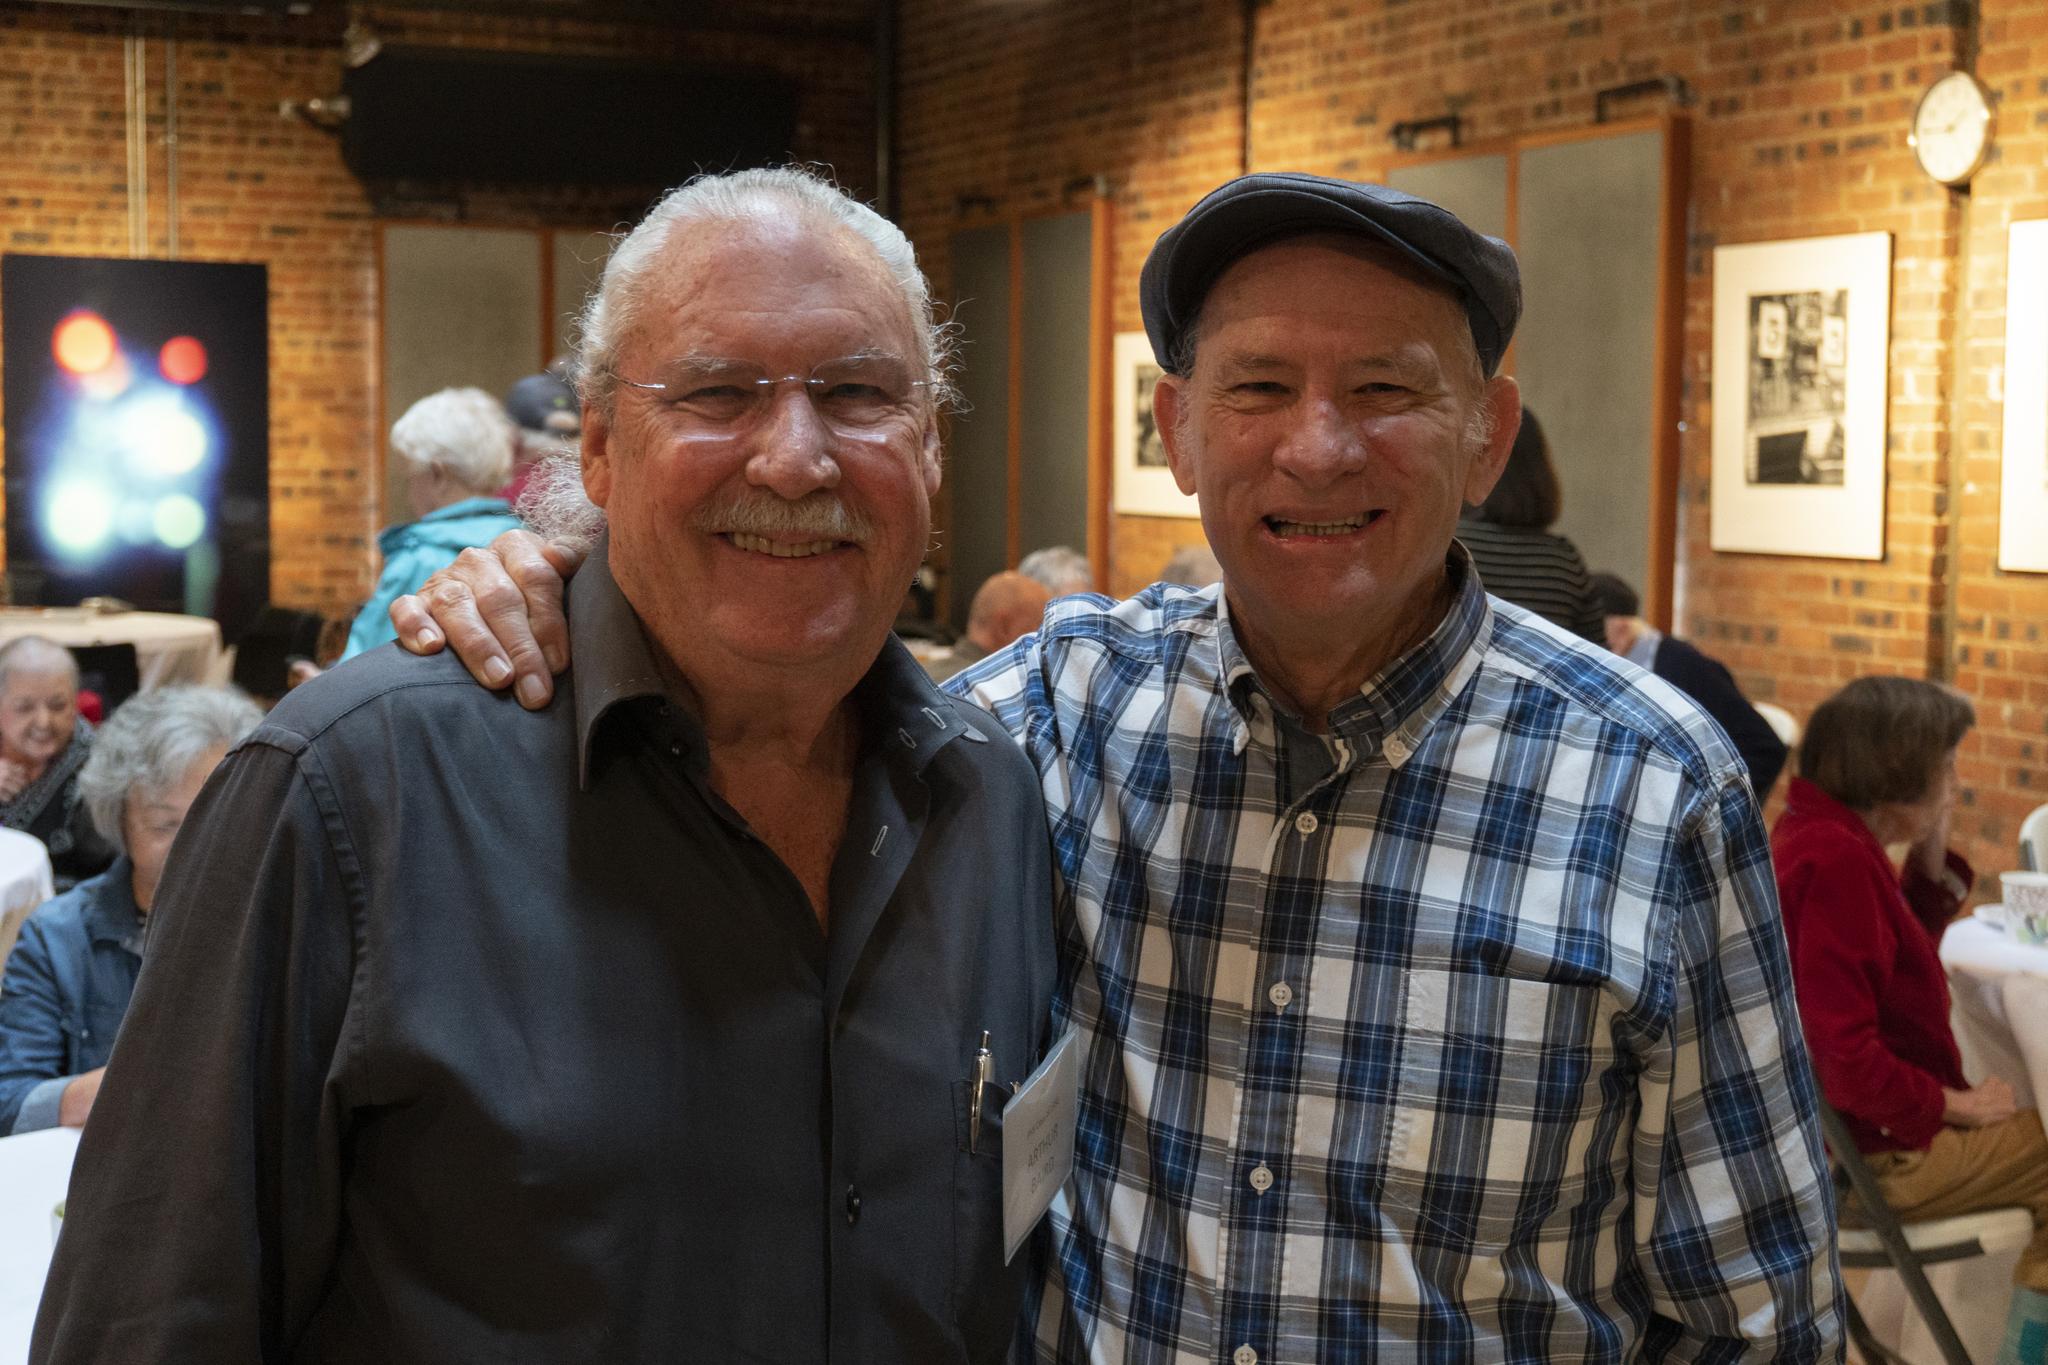 Arthur Baird and Don Delp